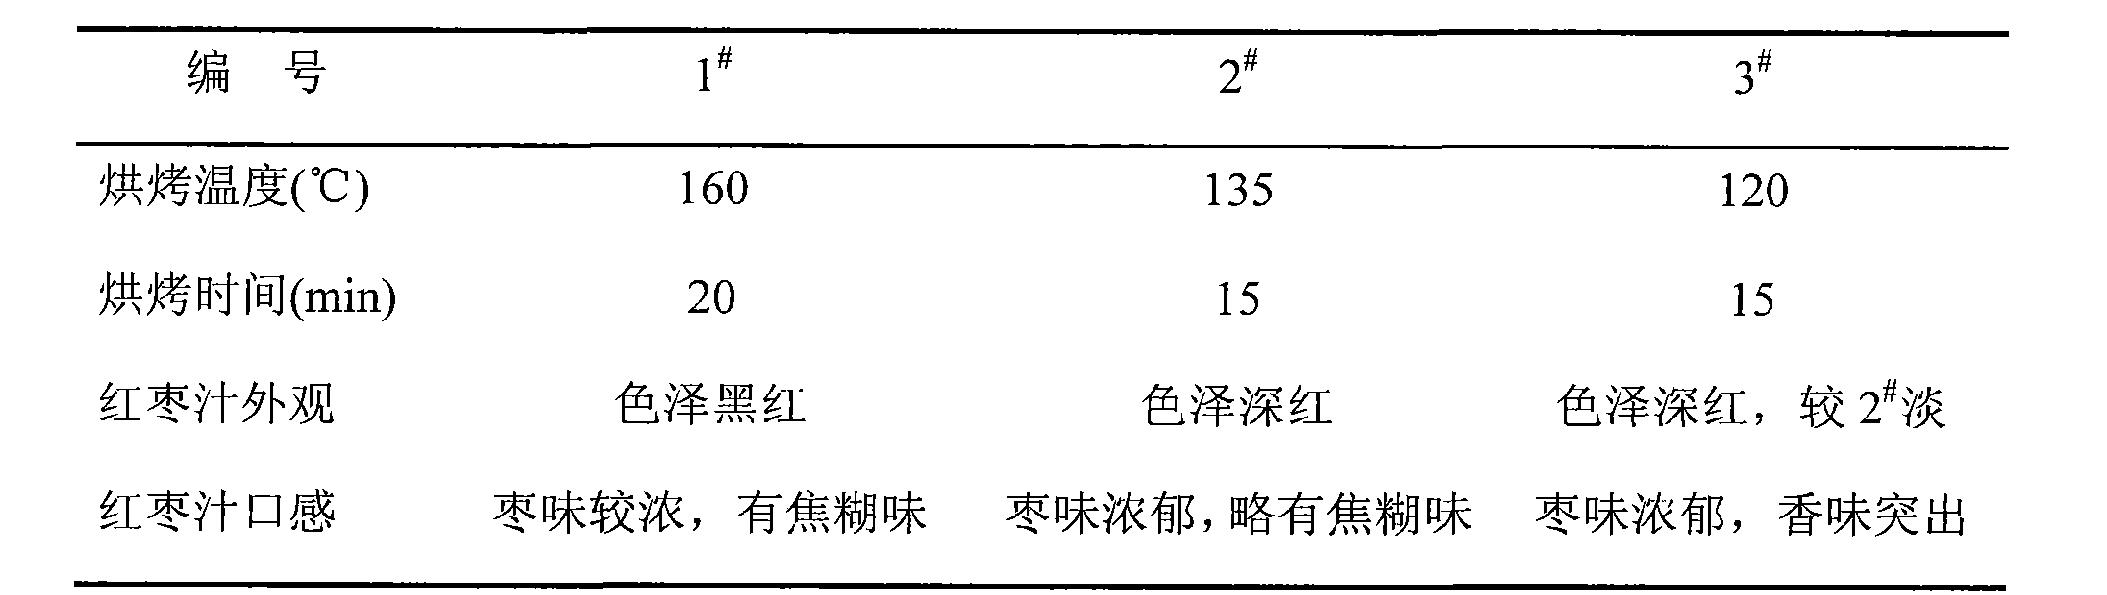 Figure CN101649278BD00041